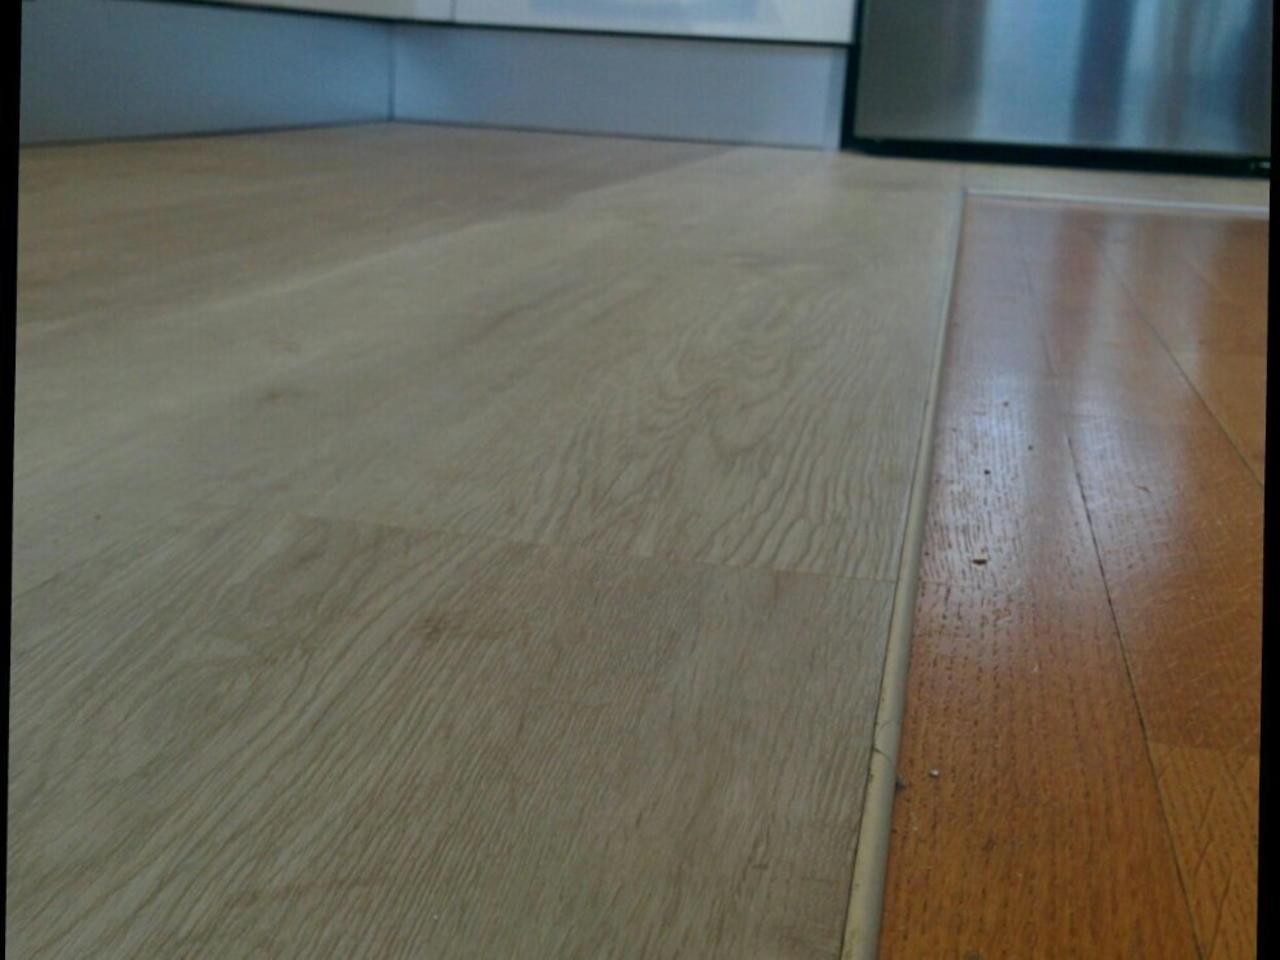 Pavimenti in pvc ad incastro awesome pavimento in pvc pavimenti pvc a click laminato with - Piastrelle ad incastro ...